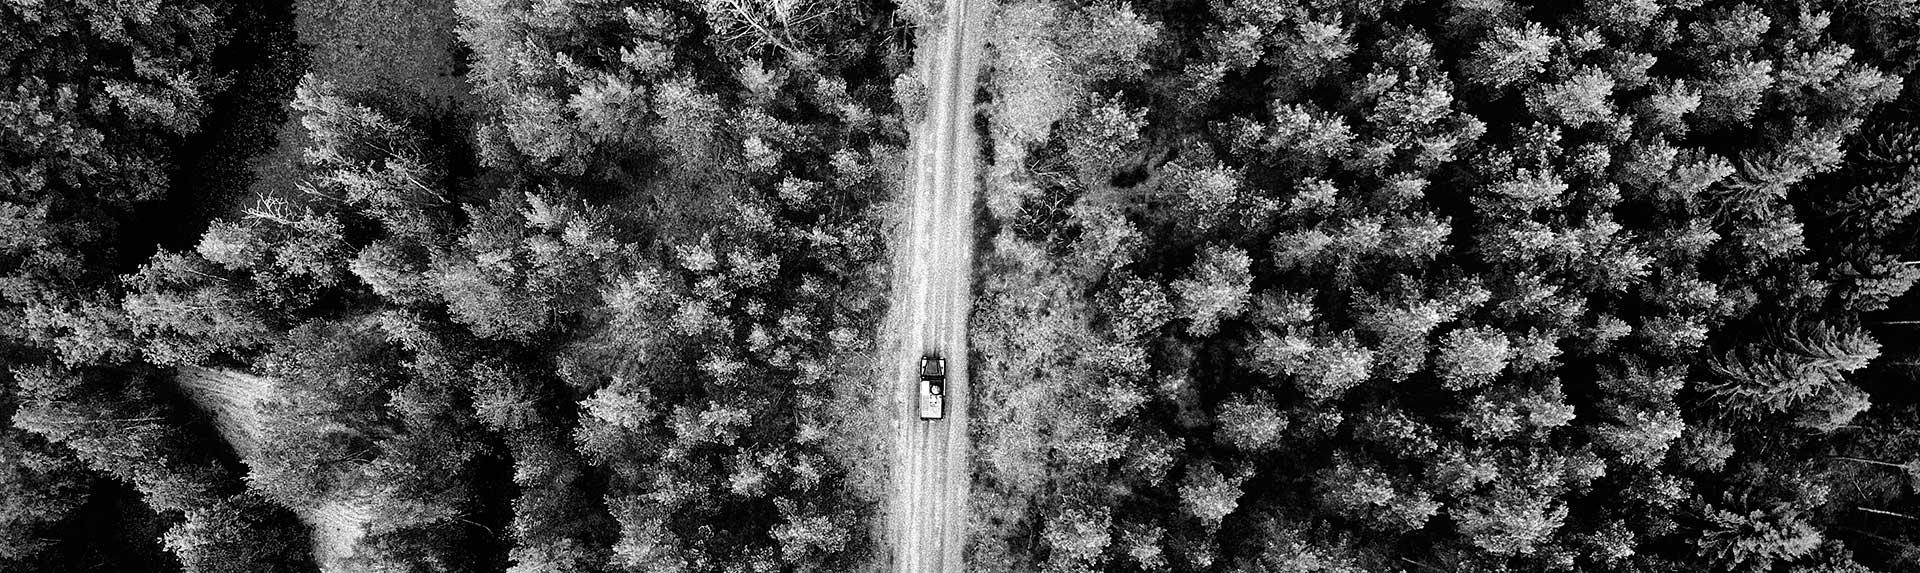 Obra lineal, pistas y caminos forestales